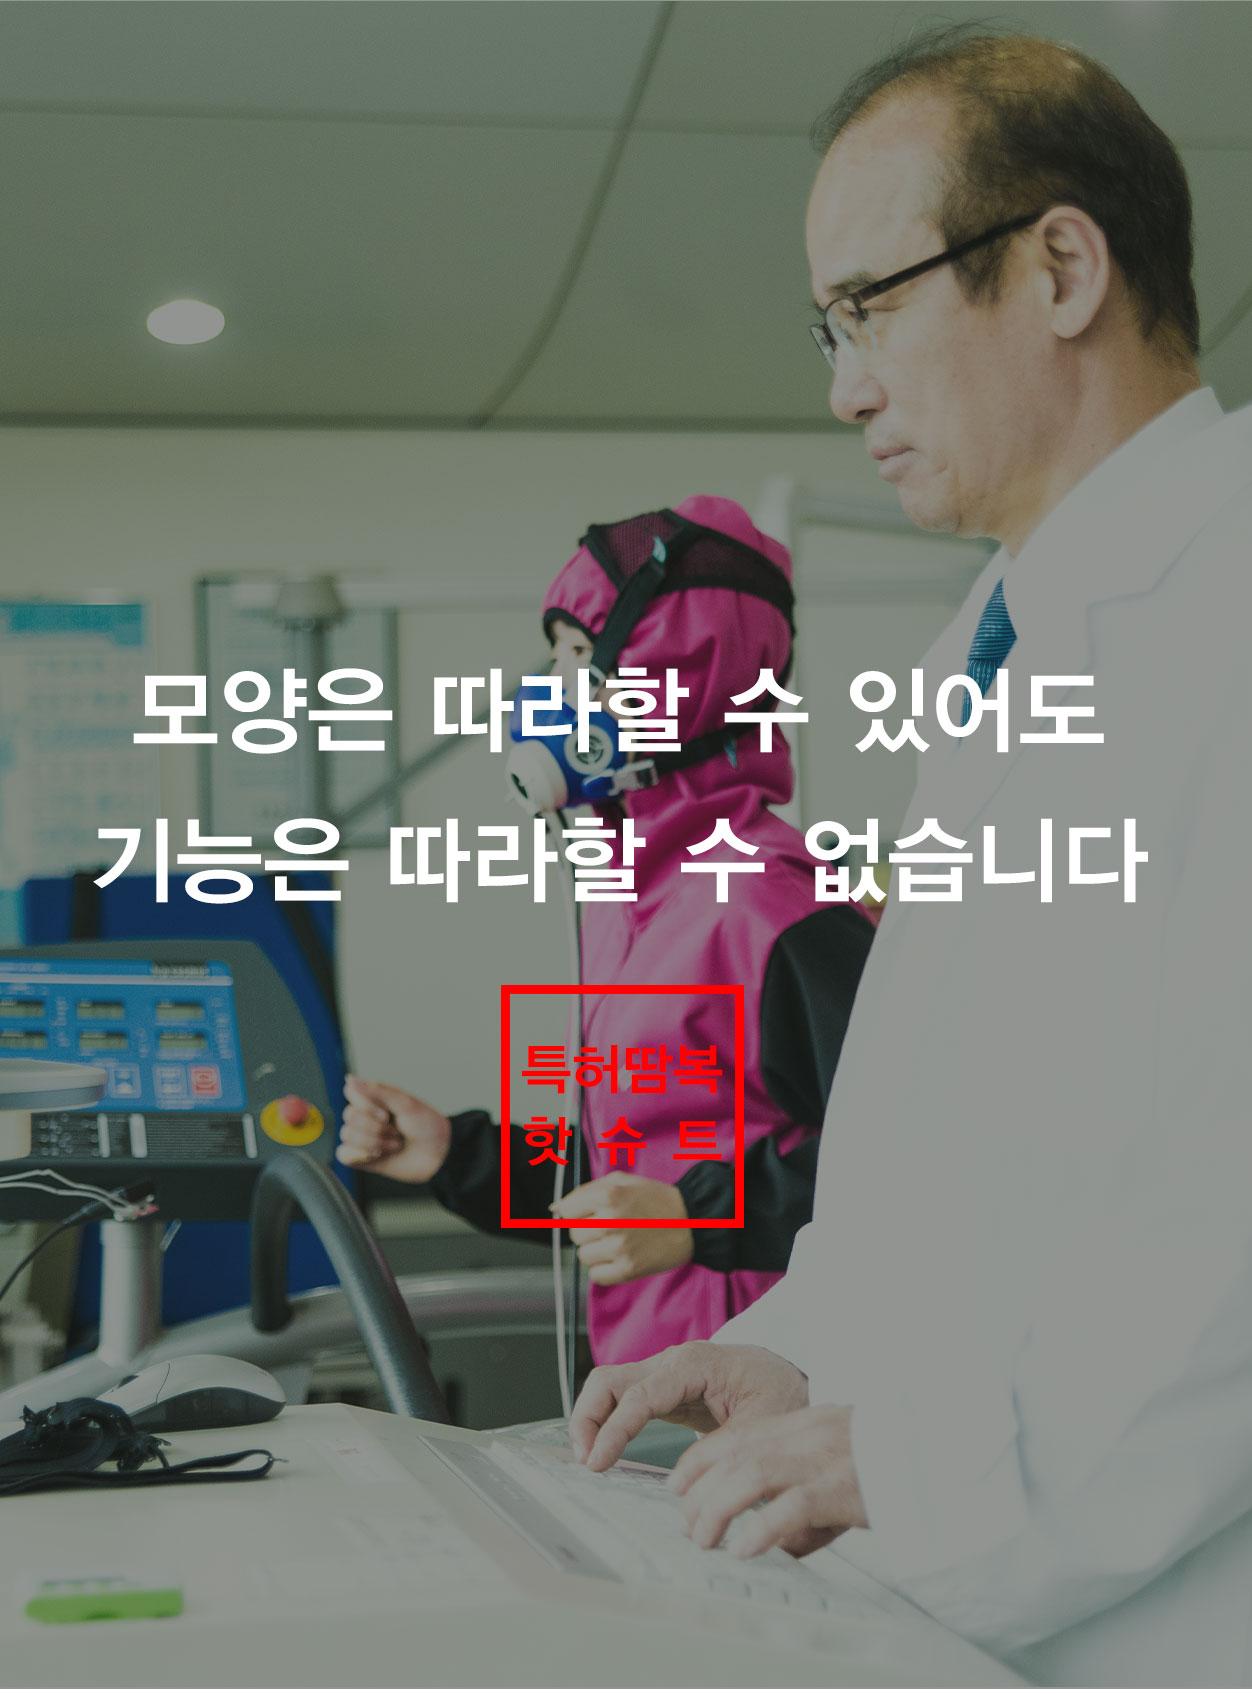 제품명 핫슈트 지투 핑크 풀지퍼 다이어트 땀복 세트 색상 핑크(Pink) 검정(Black) Mixed 용도 고기능성 땀복(Sauna Suit) 소재 폴리에스테르(Polyester)65%, 면(Cotton)35%,실버라미네이트 코팅 원산지 대한민국(KOREA) 제조자 (주)사람사랑 혁신 특수소재 실버하이론 8000 일반 운동복을 착용 했을 때 보다 더 많은 땀배출을 도와주는 다이어트 땀복 특징 핫슈트는 바쁜 현대인들에게 짧은 시간의 운동량에도 많은 양의 땀과 함께 축적된 노폐물의 배출을 도와주는 최적의 기능성 다이어트 땀복